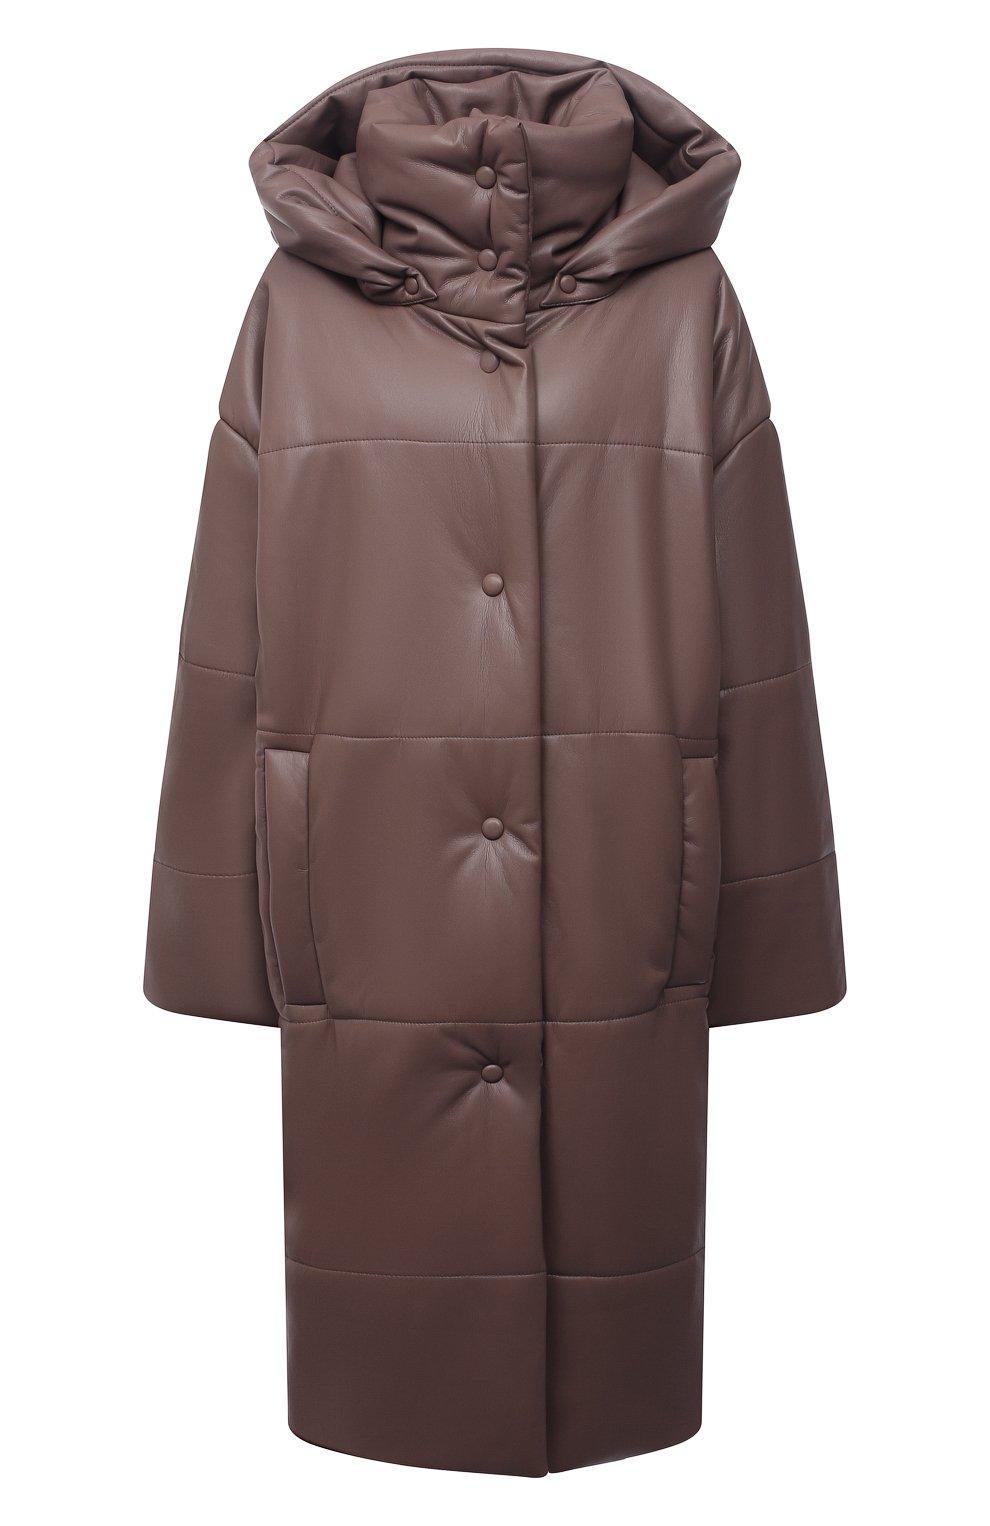 Женская утепленная куртка из экокожи NANUSHKA коричневого цвета, арт. NW21PF0W00995   Фото 1 (Кросс-КТ: Куртка; Рукава: Длинные; Стили: Гламурный; Длина (верхняя одежда): До колена; Материал внешний: Синтетический материал; Материал подклада: Вискоза)